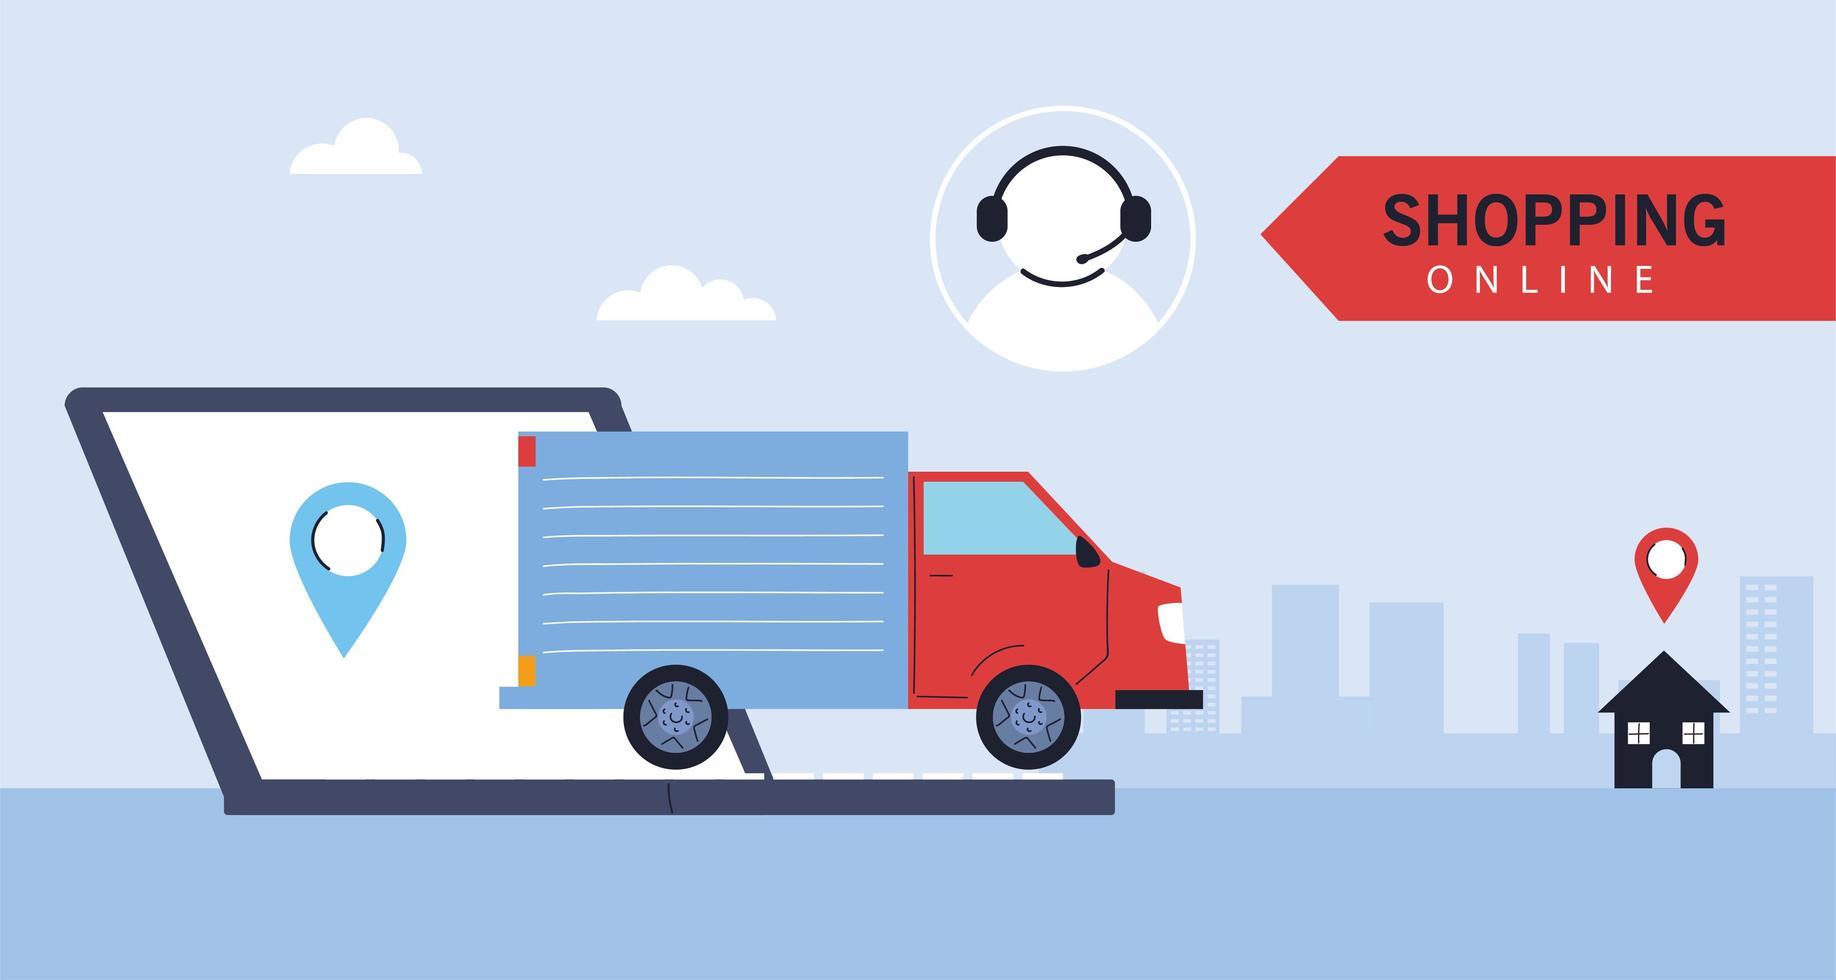 leverans lastbil bär leverans till människor, online shopping vektor